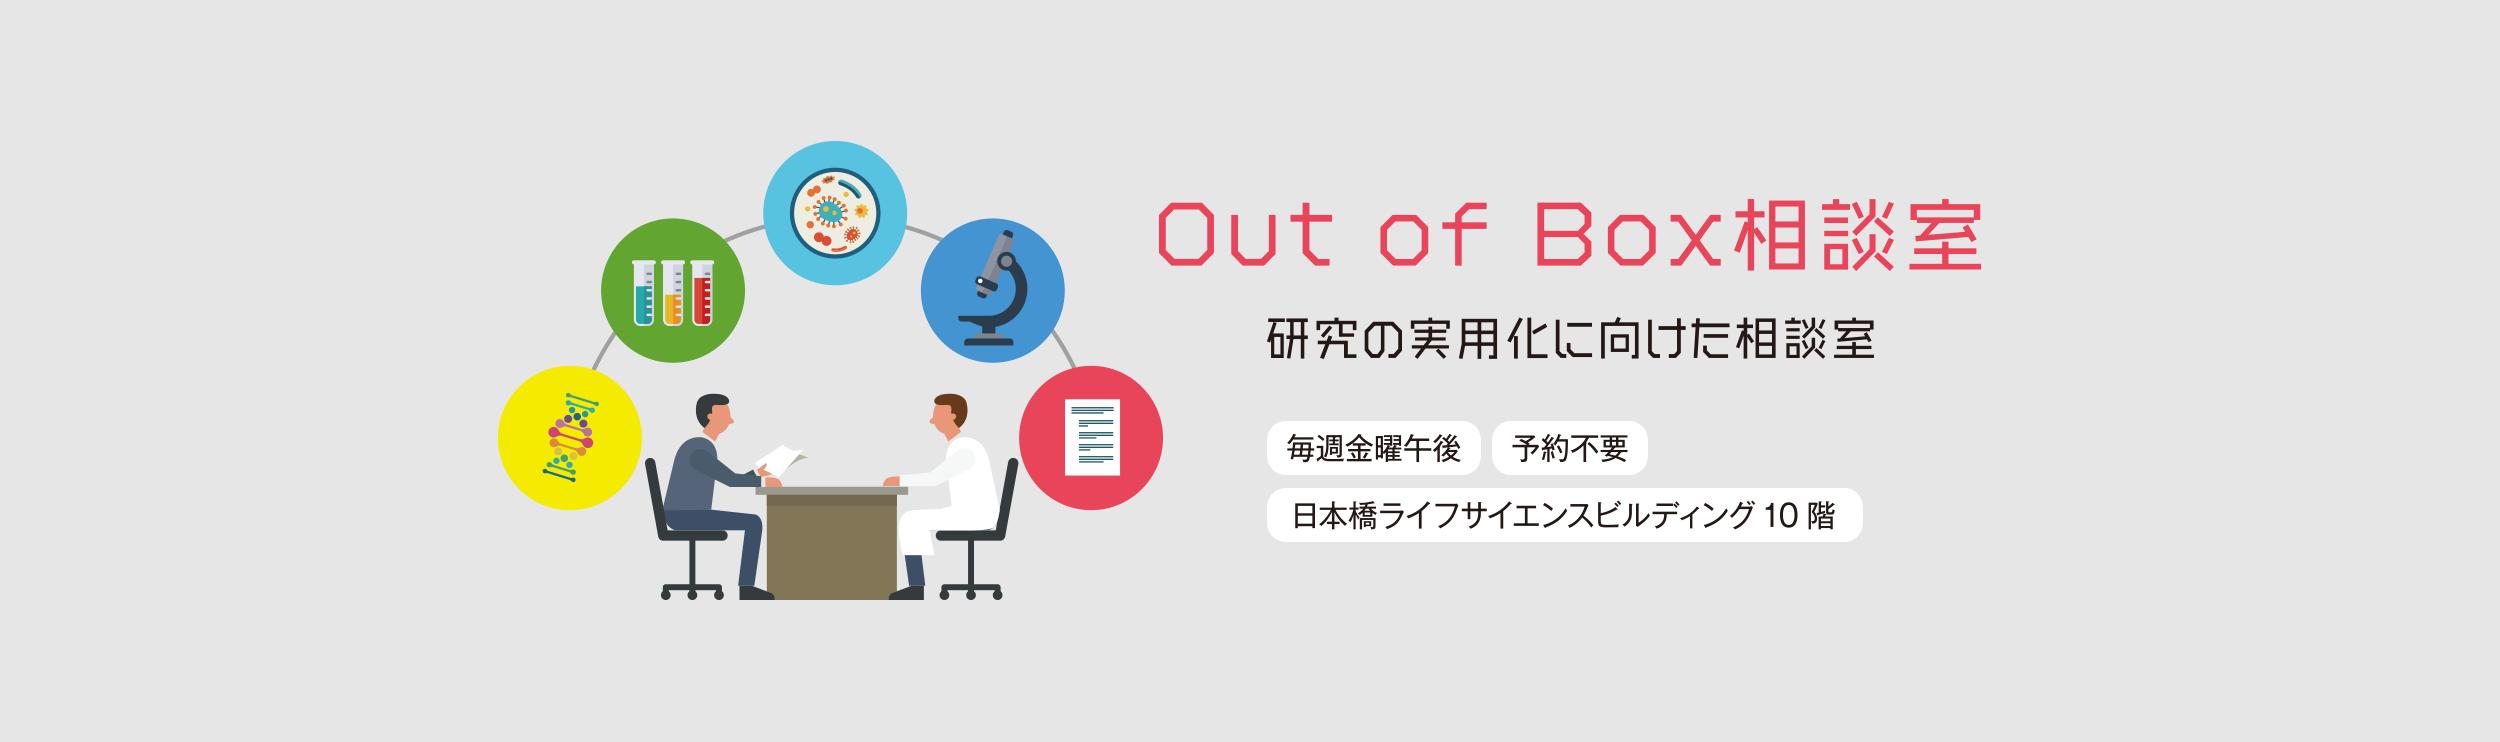 OOBバナー作成.png